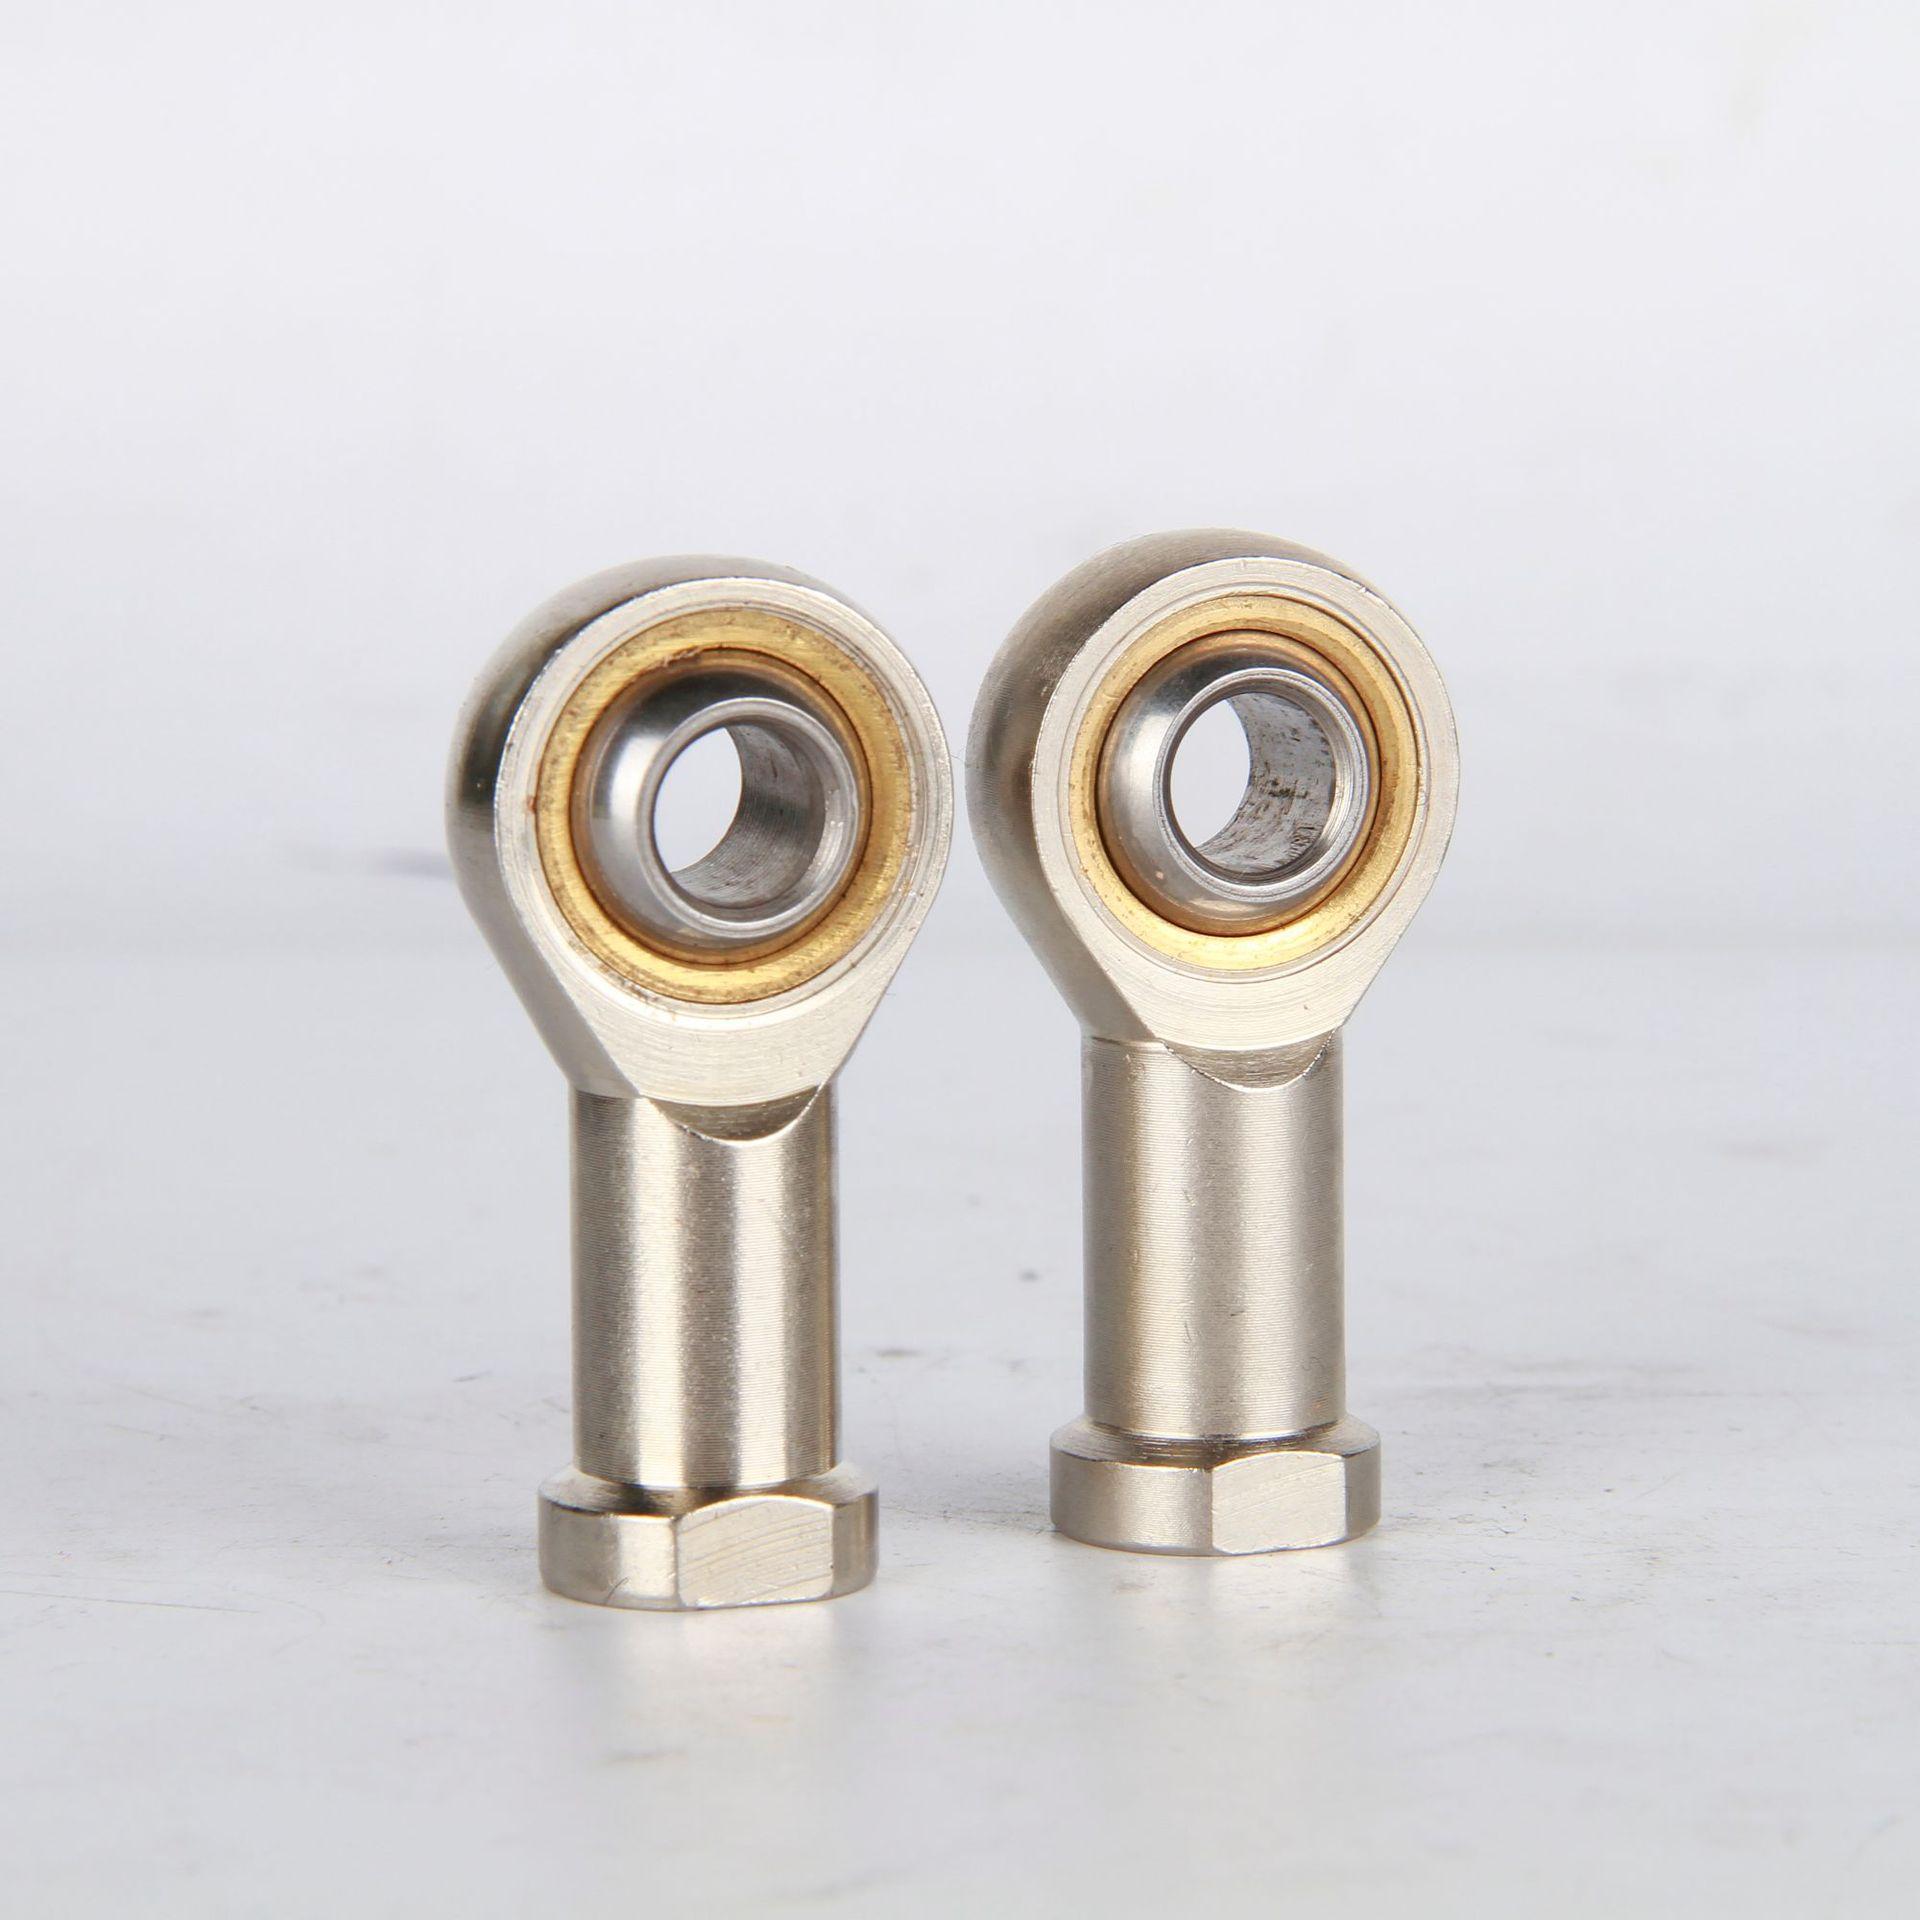 SL Thị trường phụ kiện máy móc Đầu nối thanh mang Mối nối mắt cá Sợi mạ niken SI8T / K 6.10.12,14T /